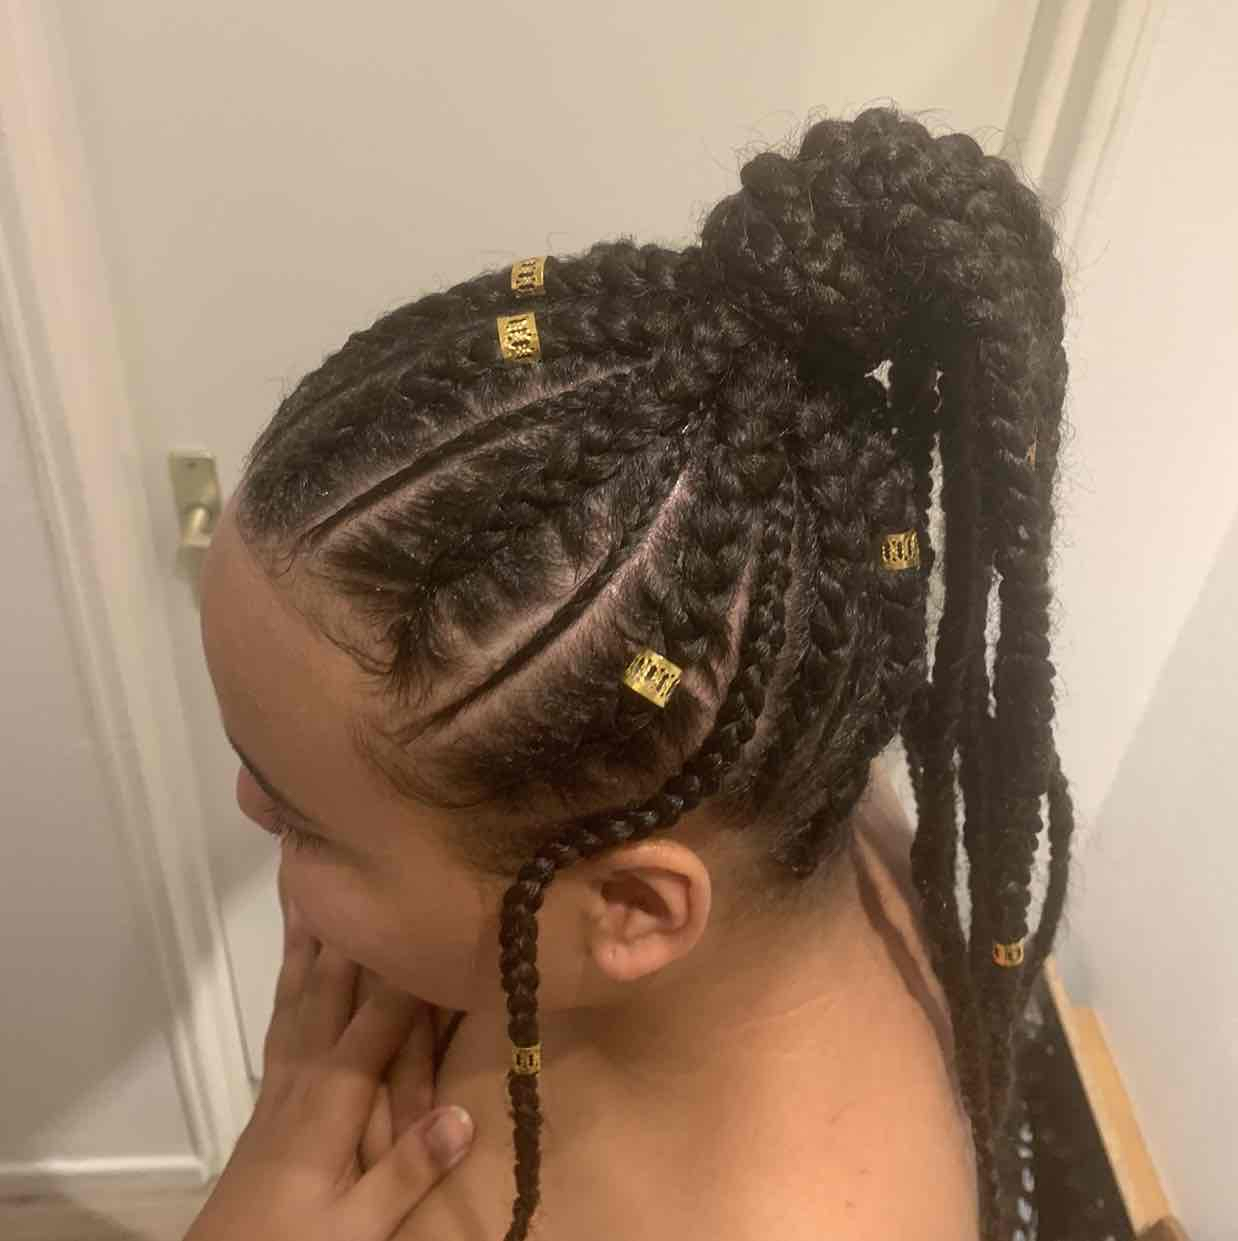 salon de coiffure afro tresse tresses box braids crochet braids vanilles tissages paris 75 77 78 91 92 93 94 95 VBOZBHNJ